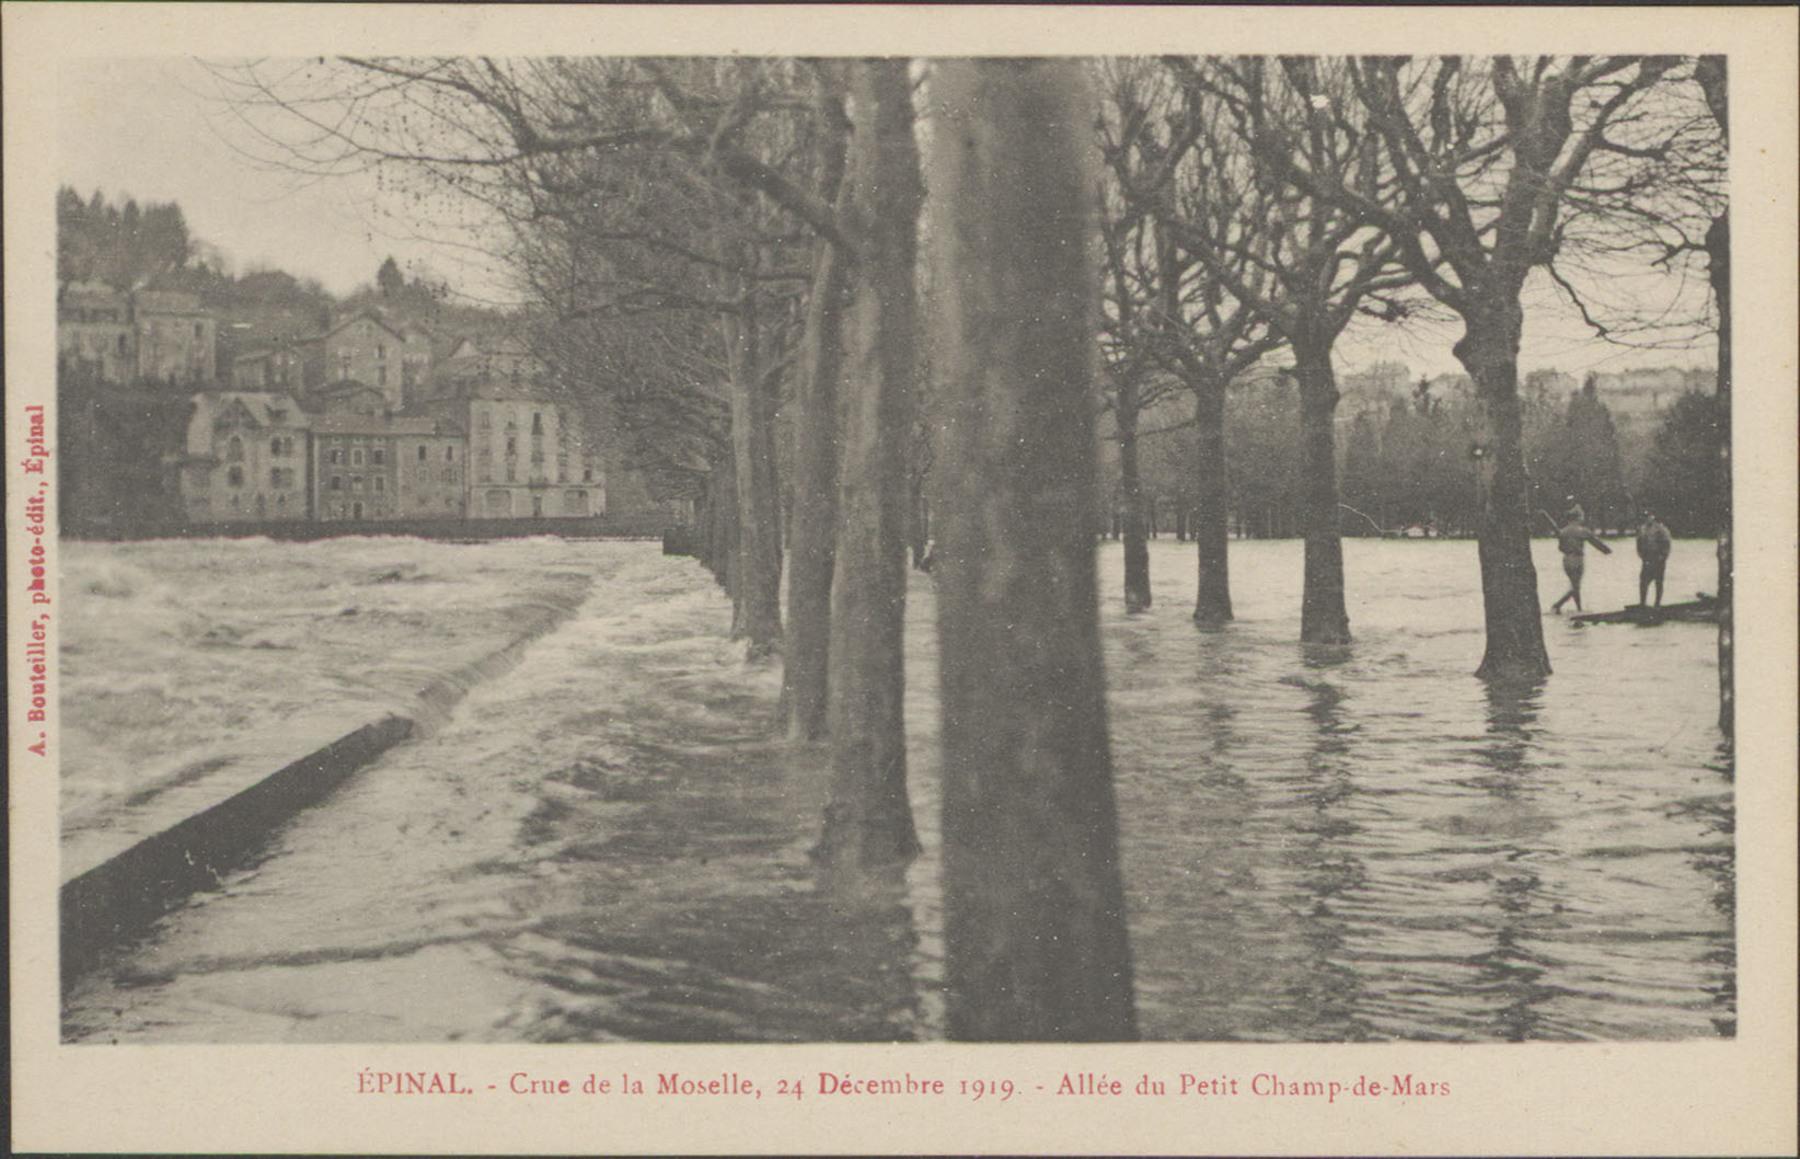 Contenu du Épinal, Crue de la Moselle, 24 décembre 1919, Allée du Petit Champ de Mars